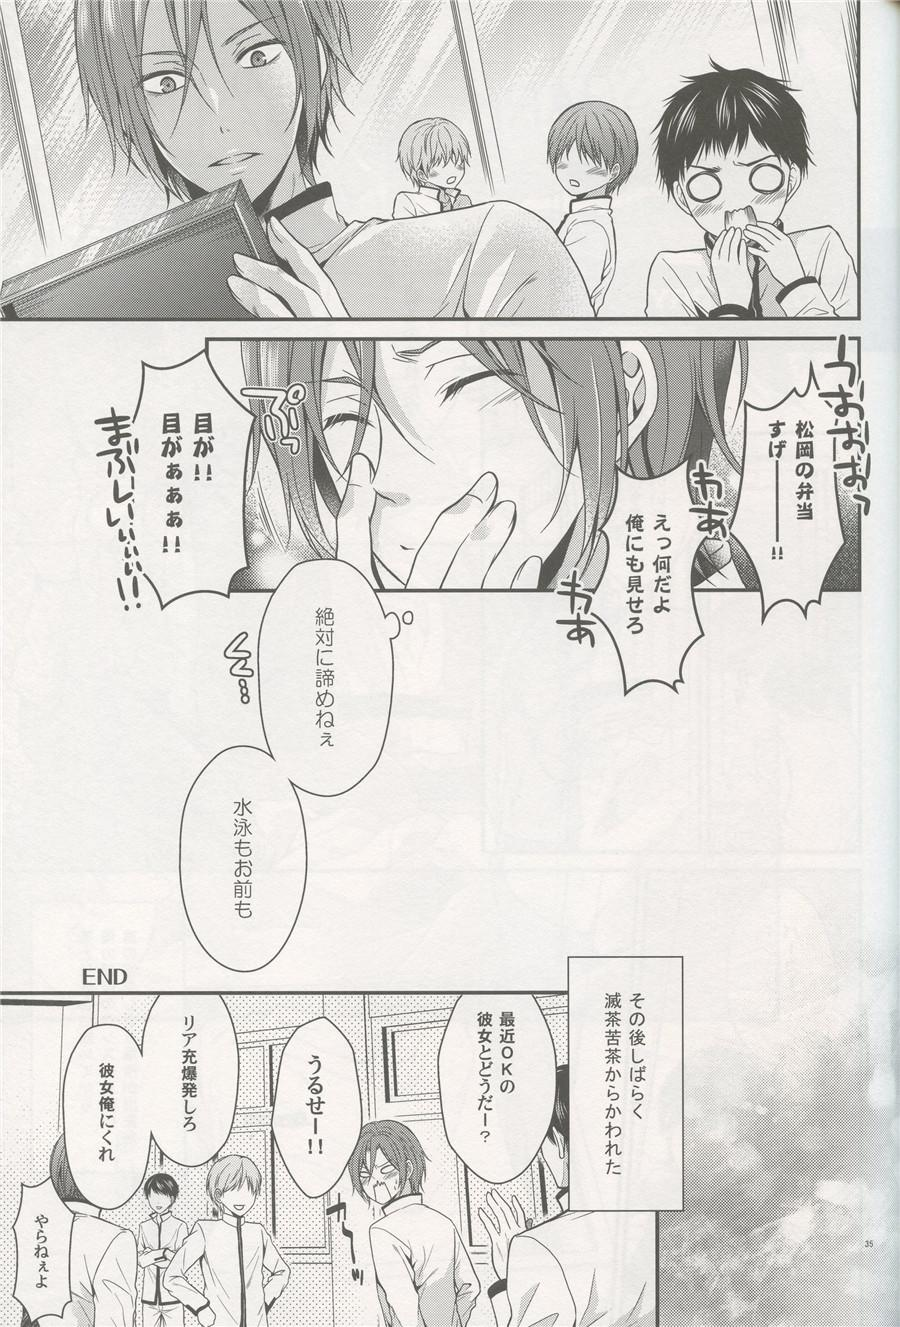 Aitsu no Yome Skill ga Takasugirundaga. 33